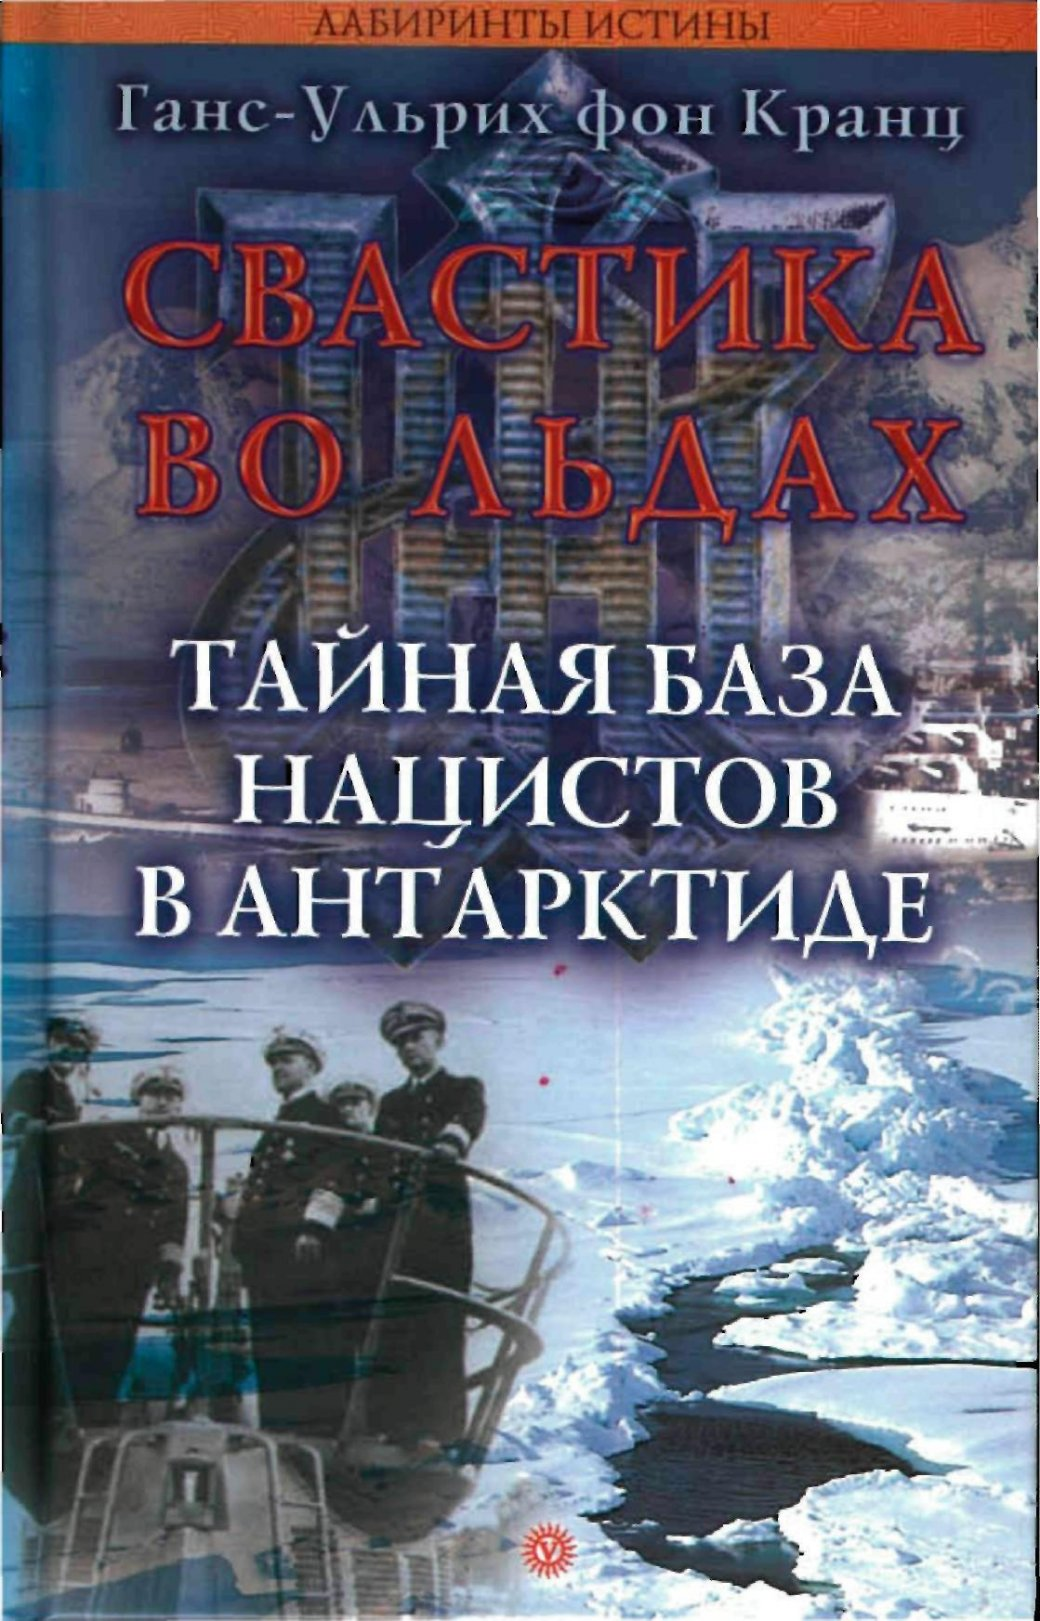 10 книг про нацистов, Третий Рейх иальтернативную историю Второй мировой, которые стоит прочитать | Канобу - Изображение 5303